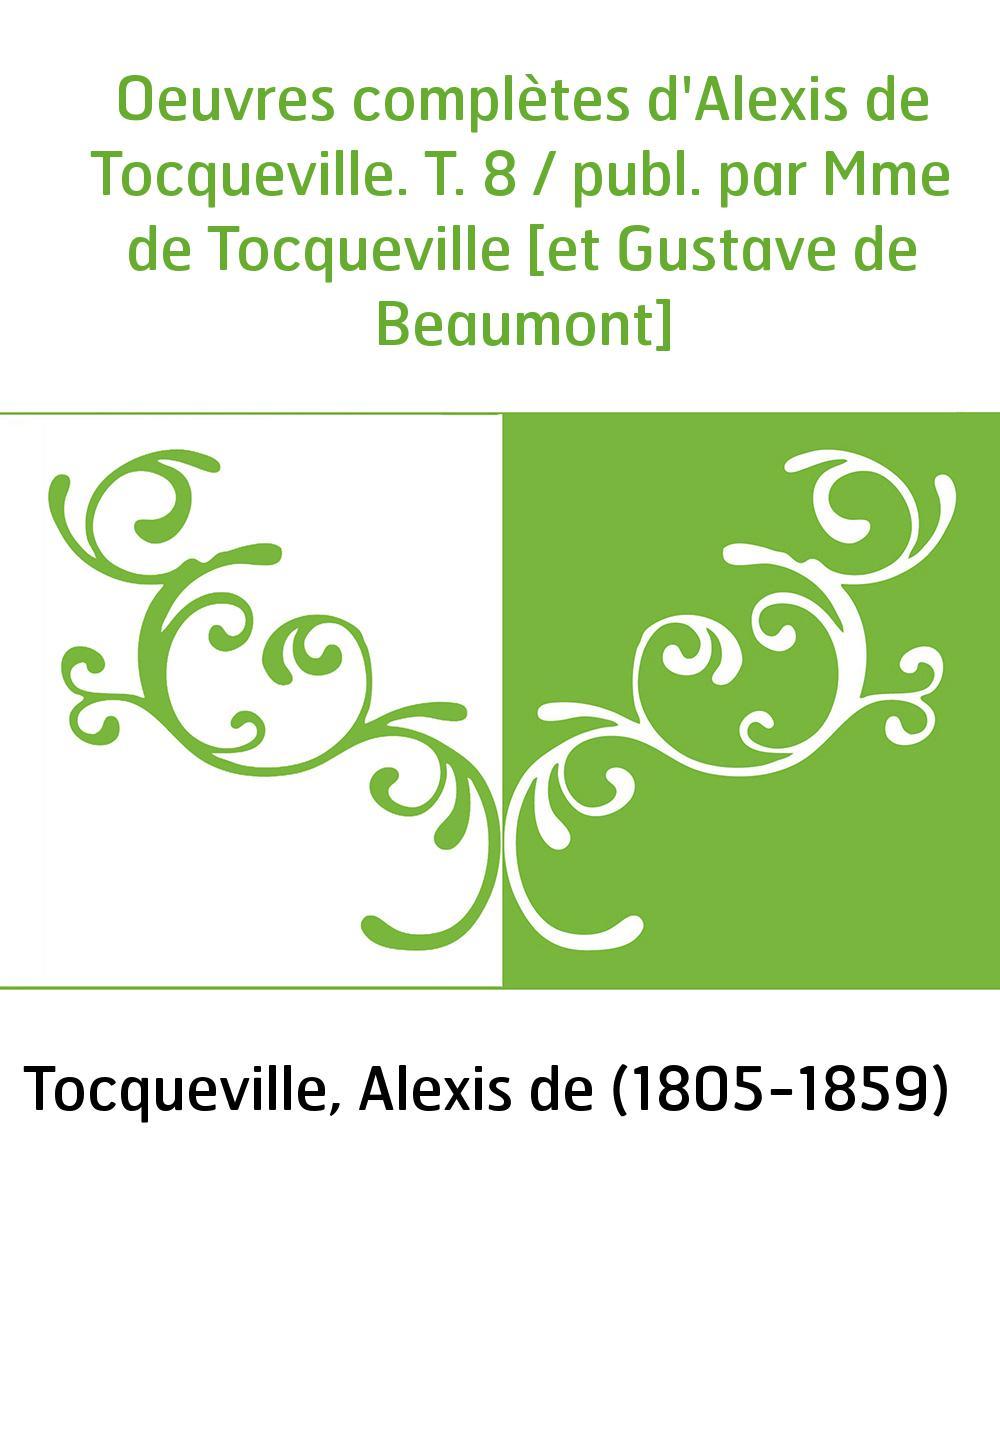 Oeuvres complètes d'Alexis de Tocqueville. T. 8 / publ. par Mme de Tocqueville [et Gustave de Beaumont]